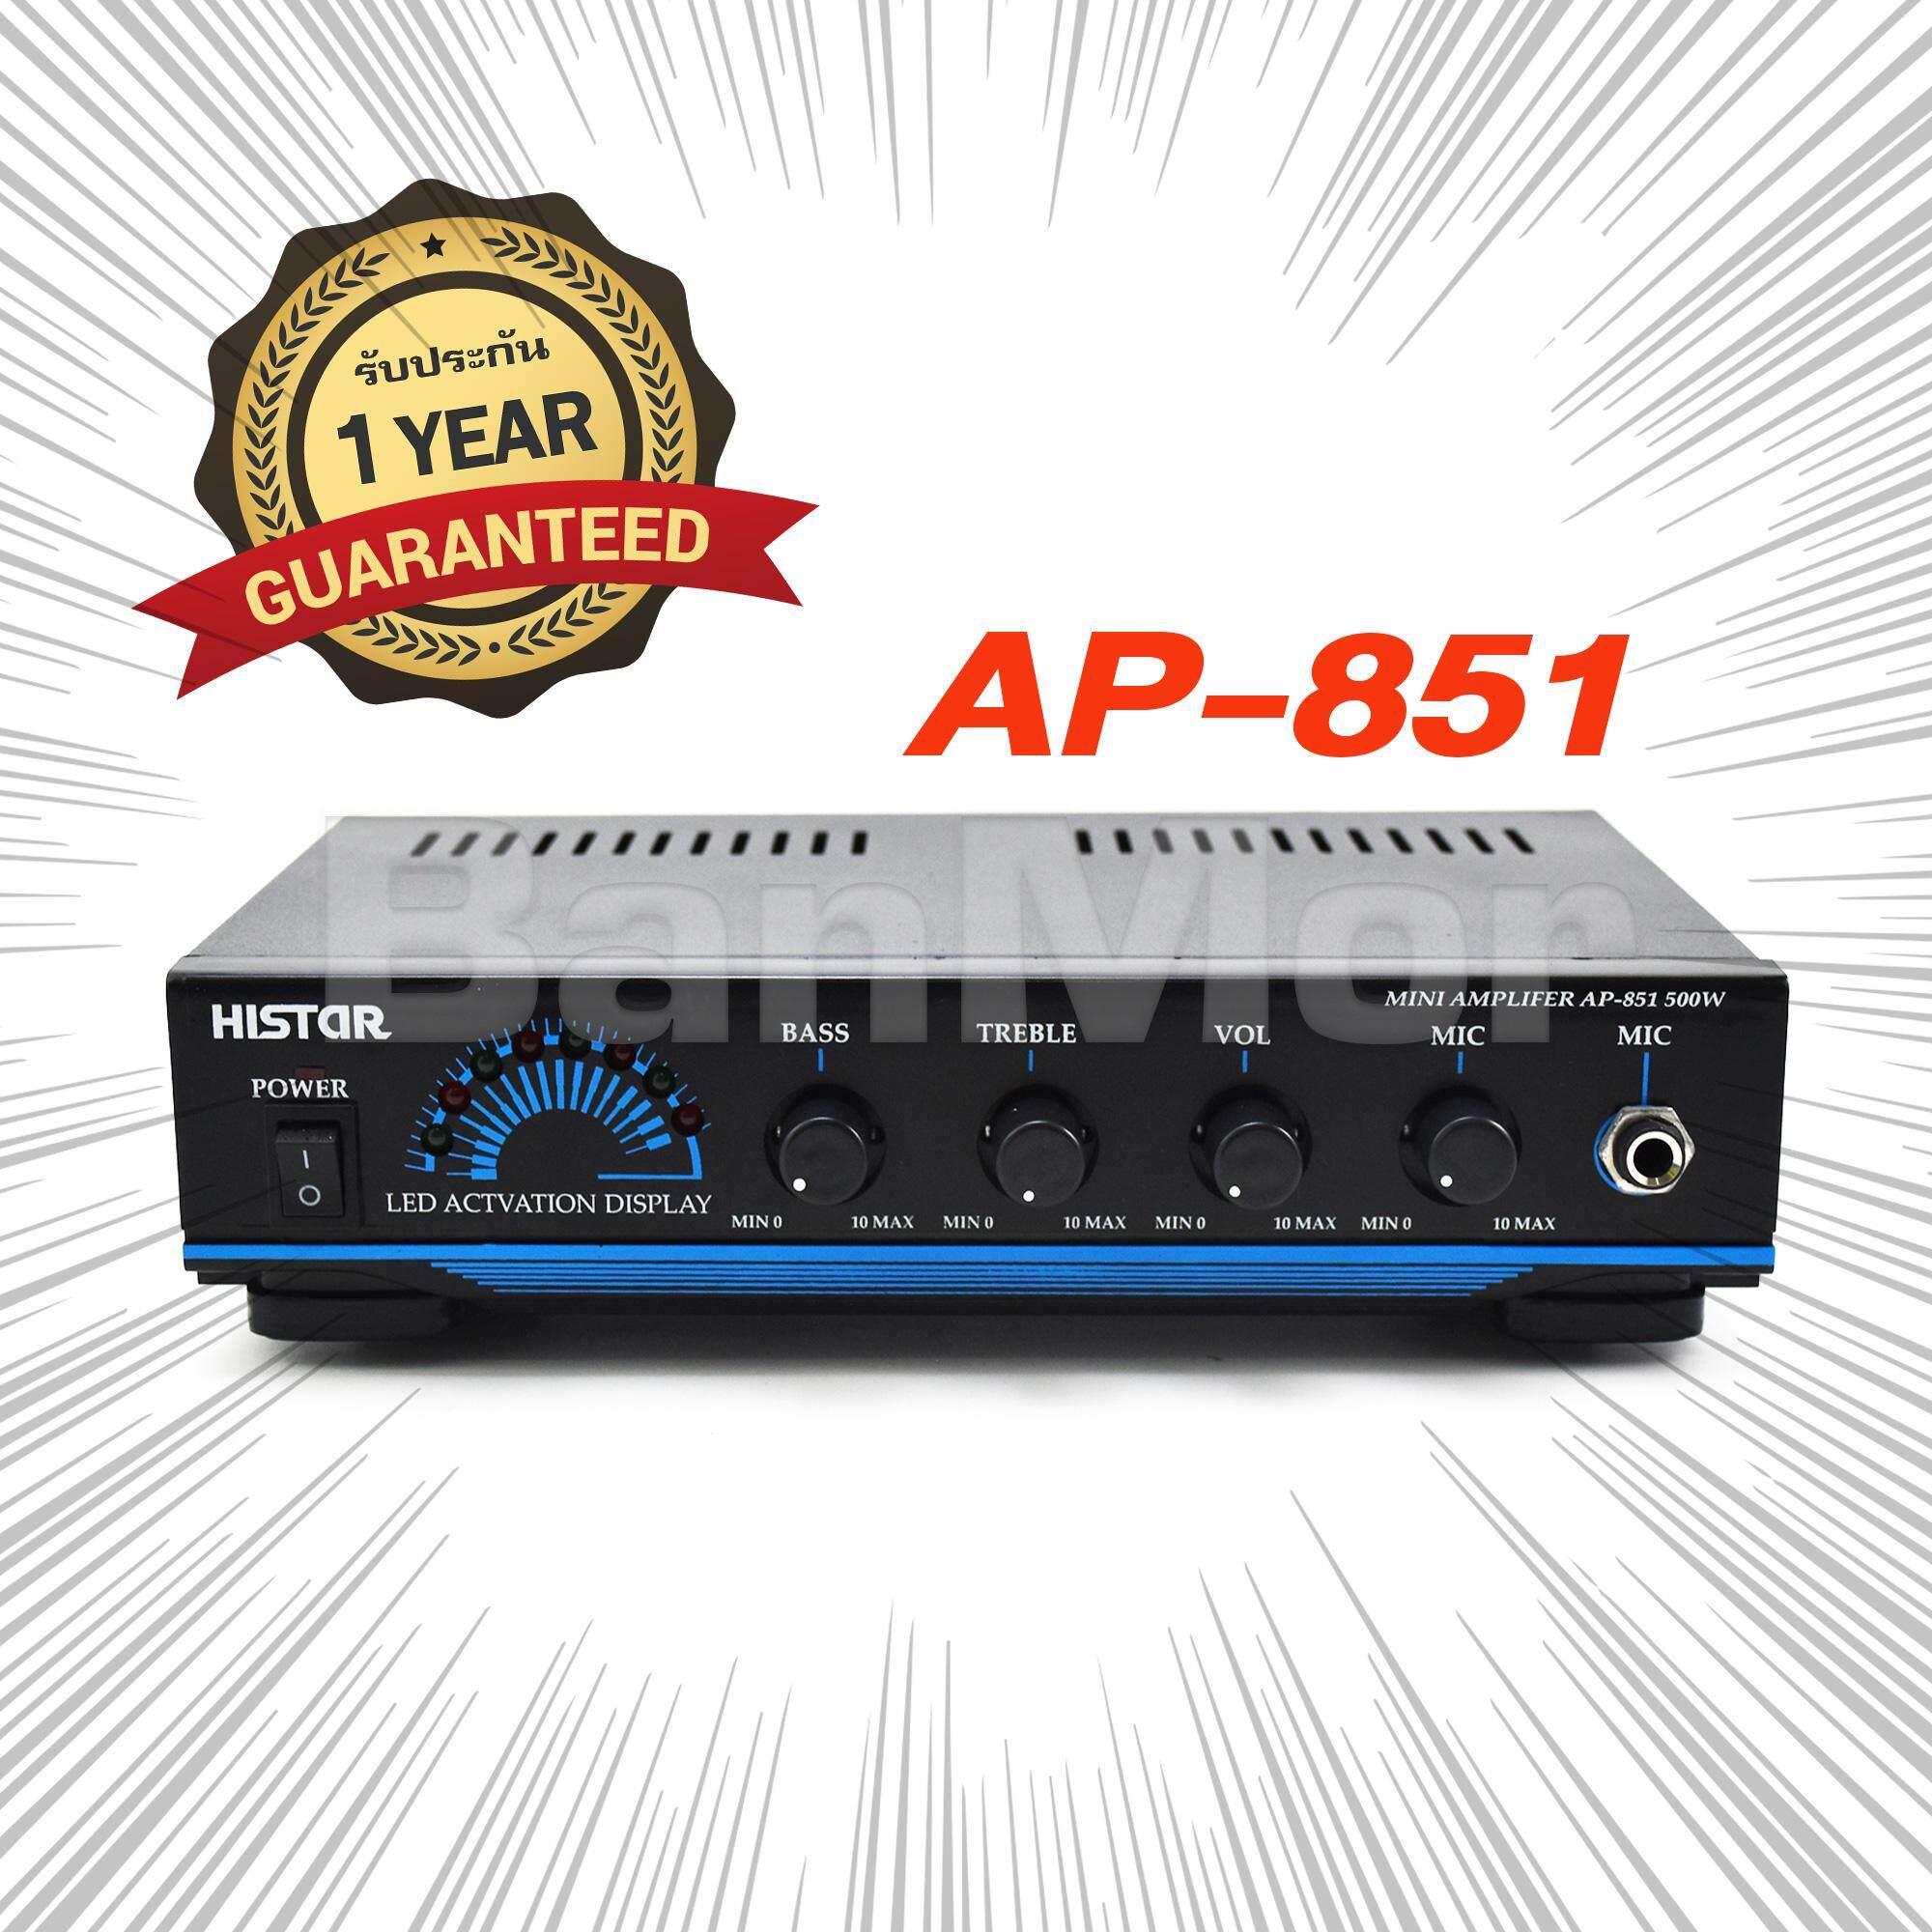 Ap-851 เครื่องขยายเสียง 500วัตต์ มี มอก. ใช้ชิป Tda2005 จาก St Microelectronics ใช้ในรถ12vdc และ บ้าน 220v ได้ ช่องไมโครโฟน Mic ปรับทุ้ม-แหลมได้ เป็นแอมป กีต้าร์ Guitar Amplifier อัดได้เต็มกำลังวัตต์  มีไฟ Vu Led บอกระดับเสียง อัดดอกลำโพงใหญ่ได้.